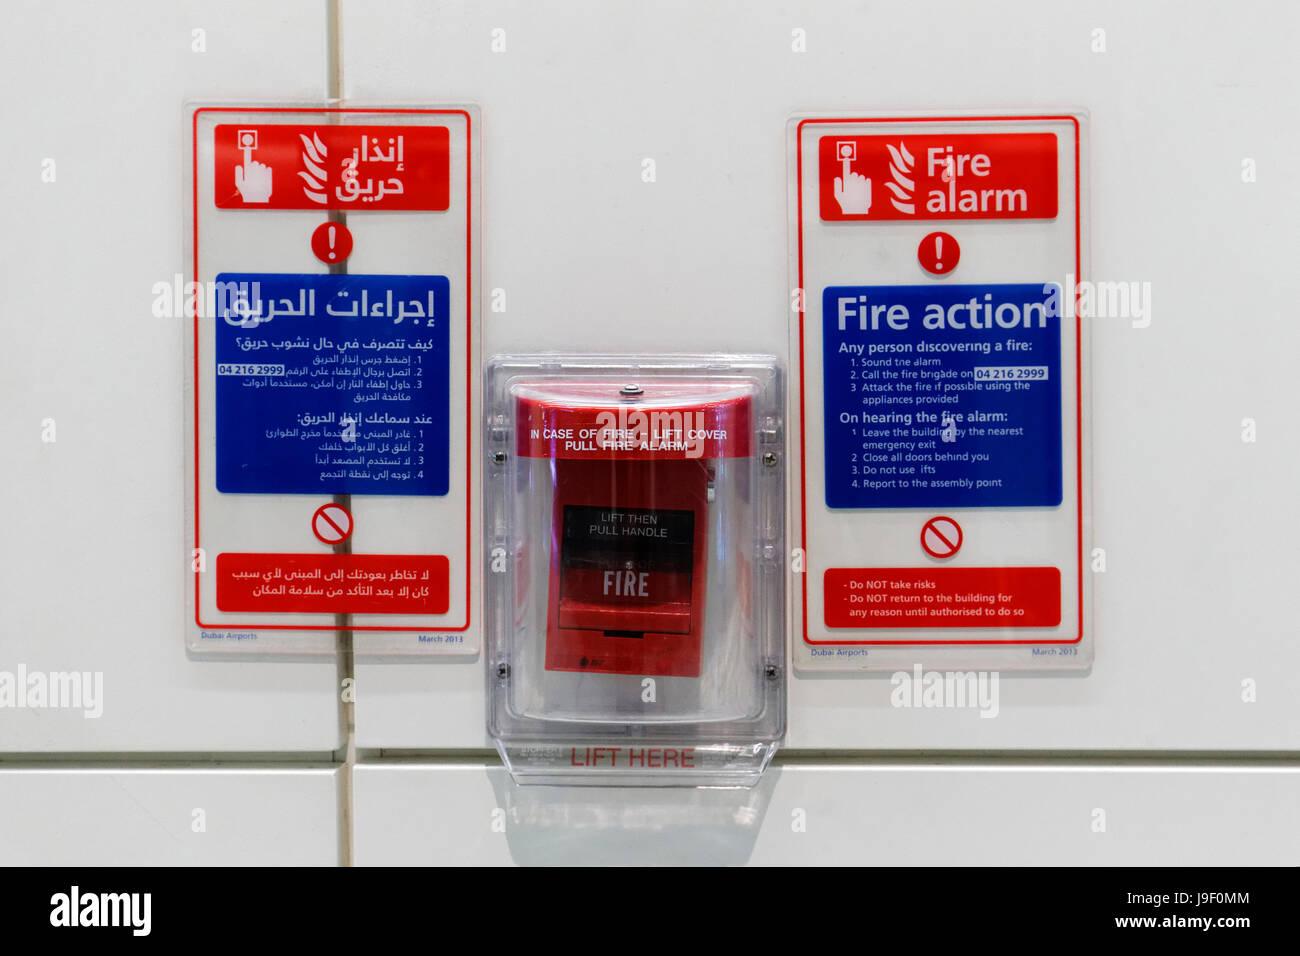 Alarms Stock Photos & Alarms Stock Images - Alamy